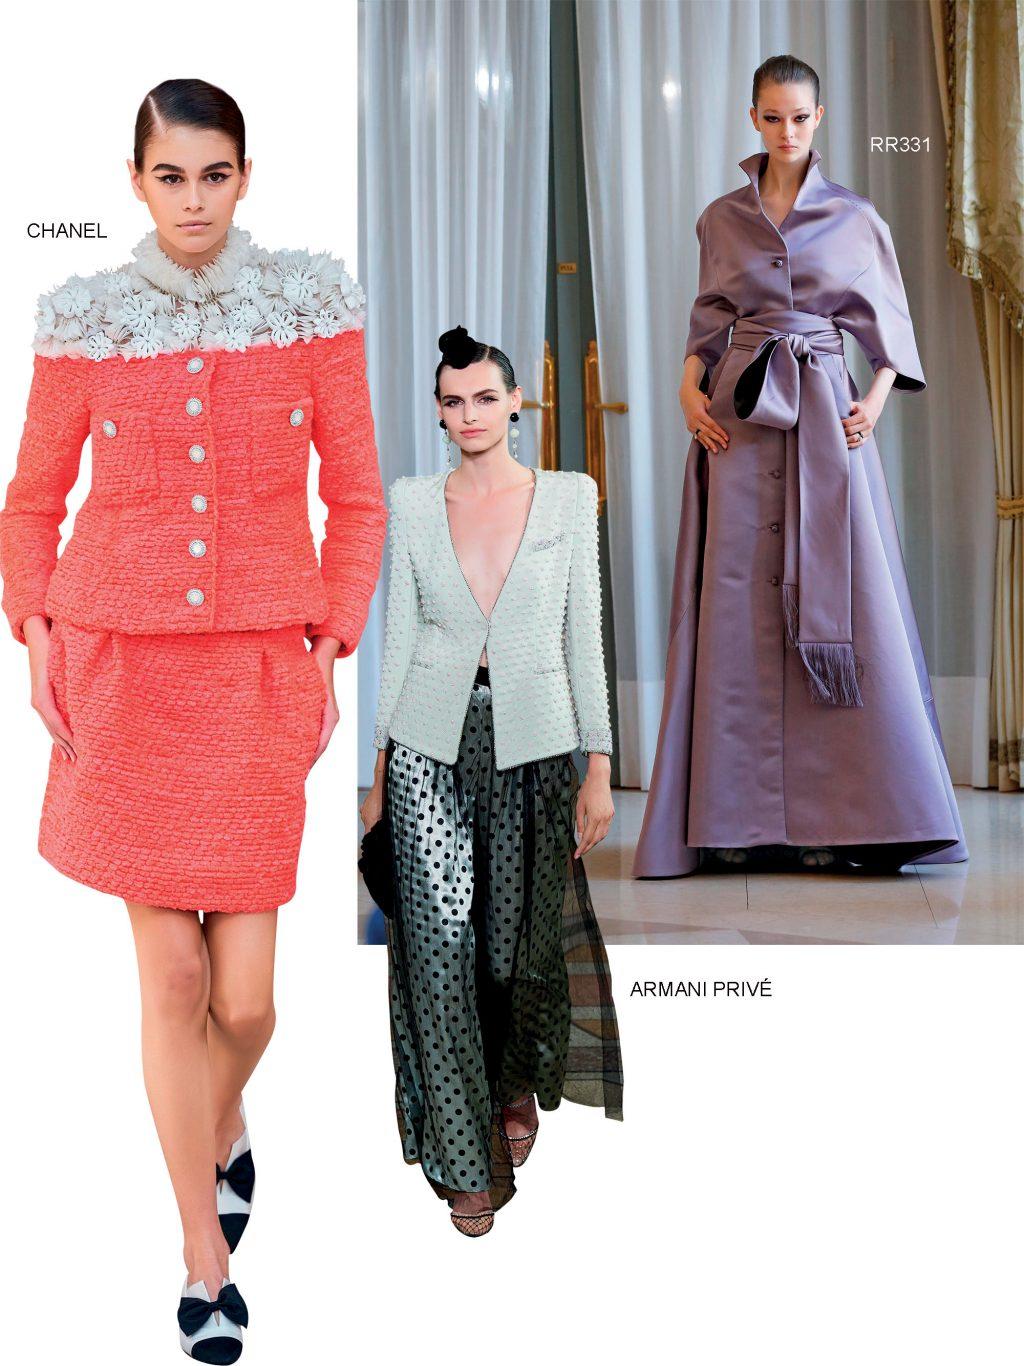 Haute Couture chanel armani prive và rr331 thu đông 2019